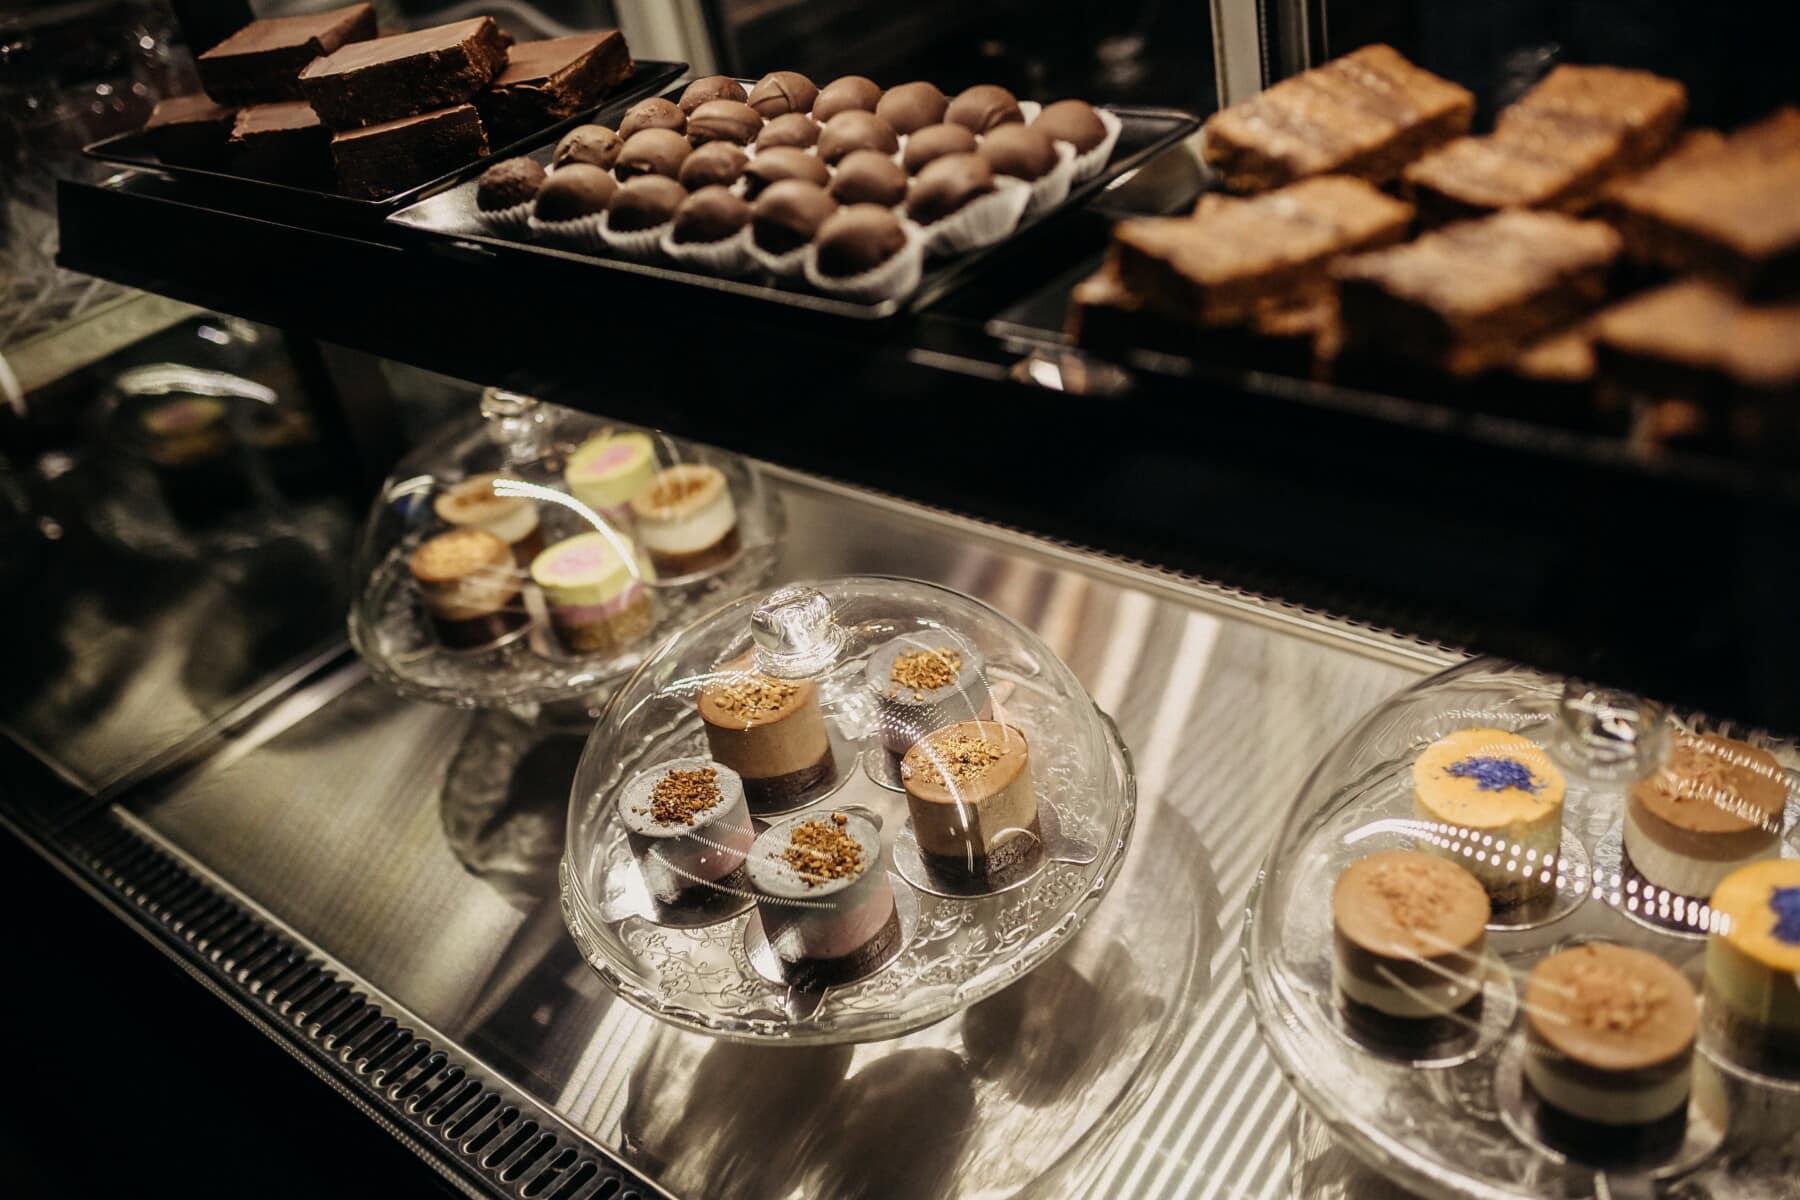 taartenwinkel, taarten, assortiment, biscuit, keukentafel, chocolade, keuken, zoet, Winkel, voedsel